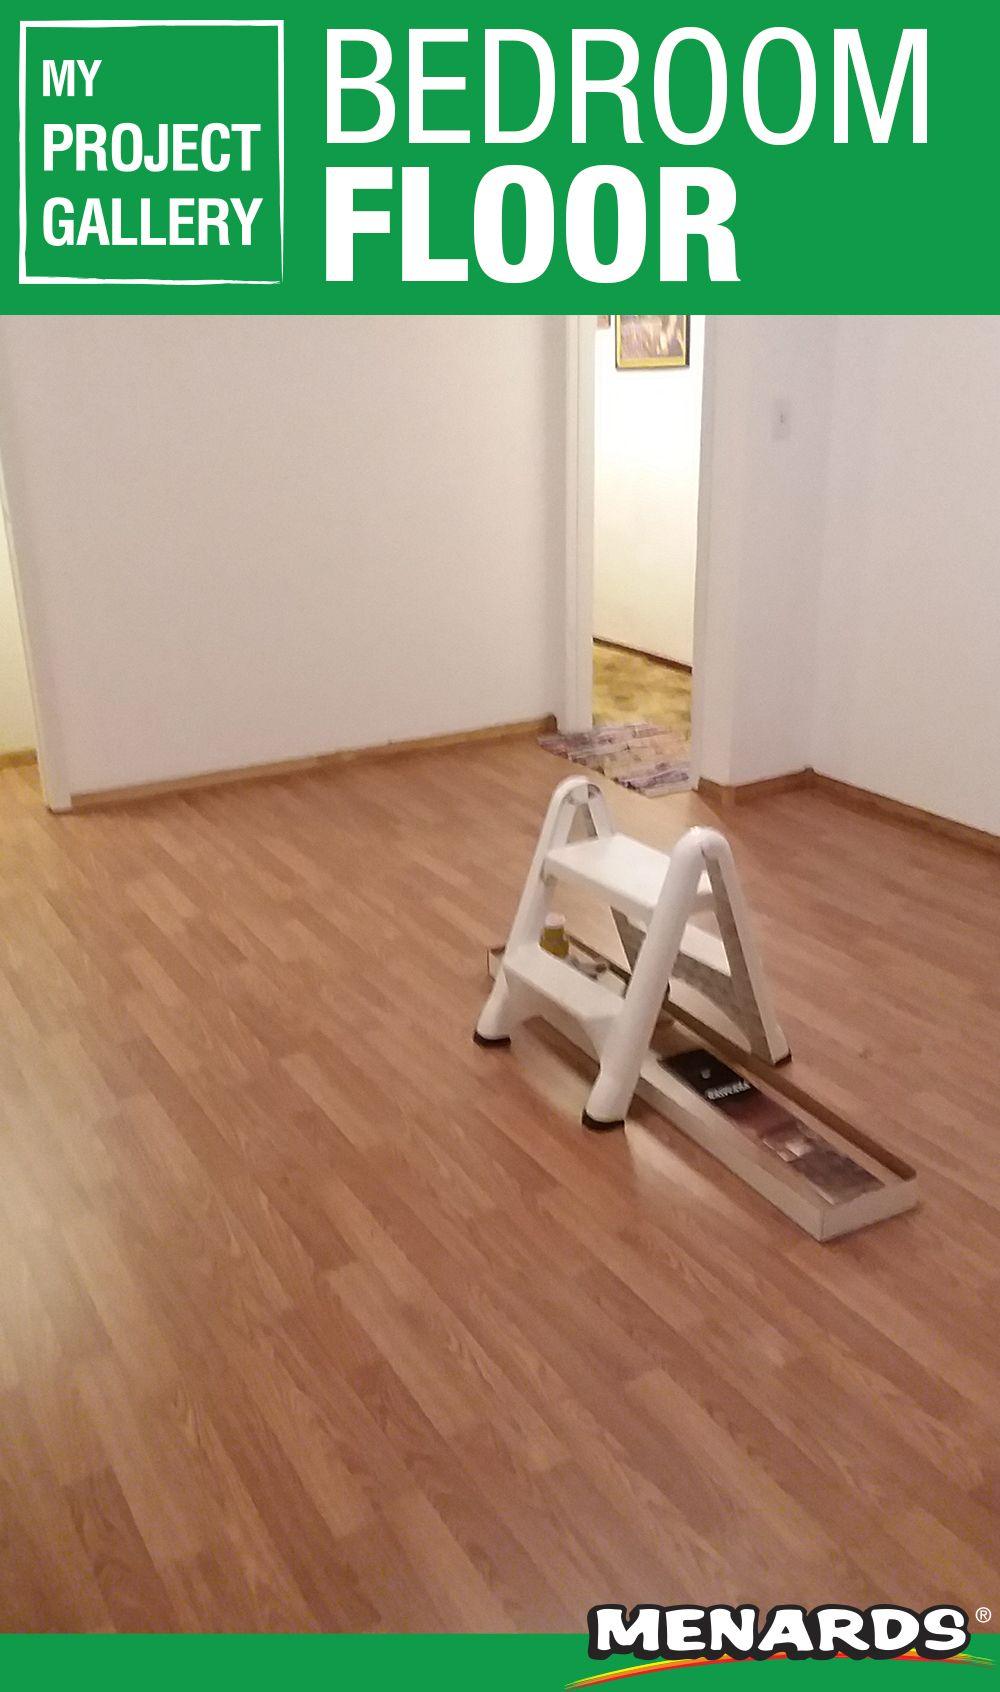 In between work and life, this bedroom floor got a major